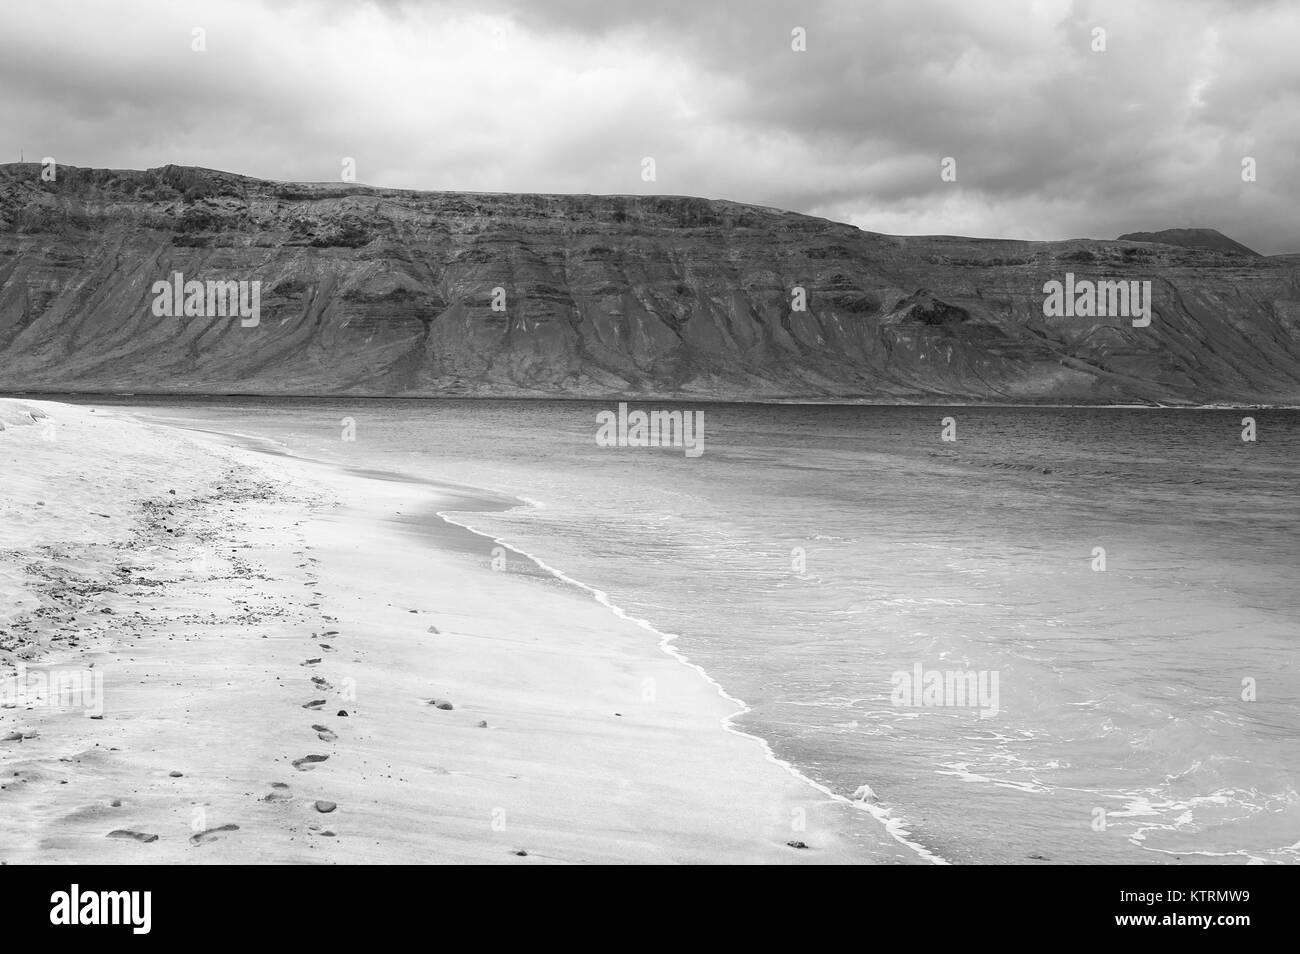 Blick auf Lanzarote vom Strand in Caleta de Sebo, La Graciosa, Chinijo Archipel, Kanarische Inseln, Spanien Stockbild